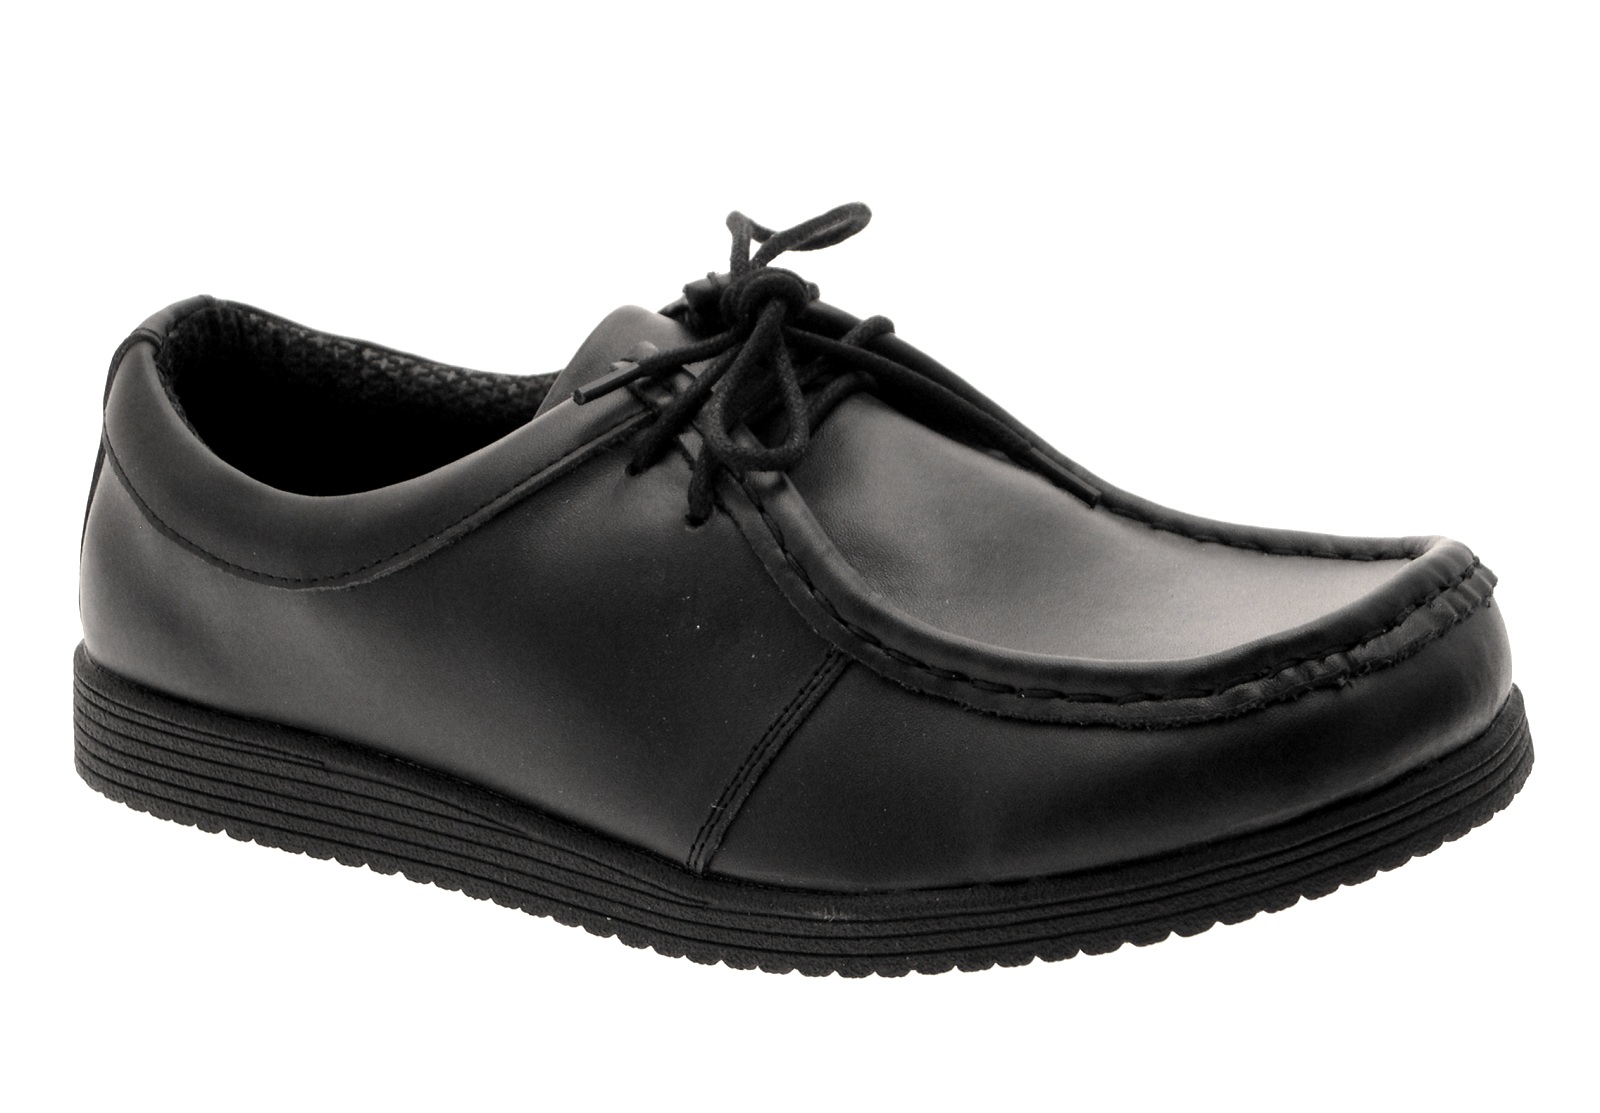 Ladies Work Shoes Ebay